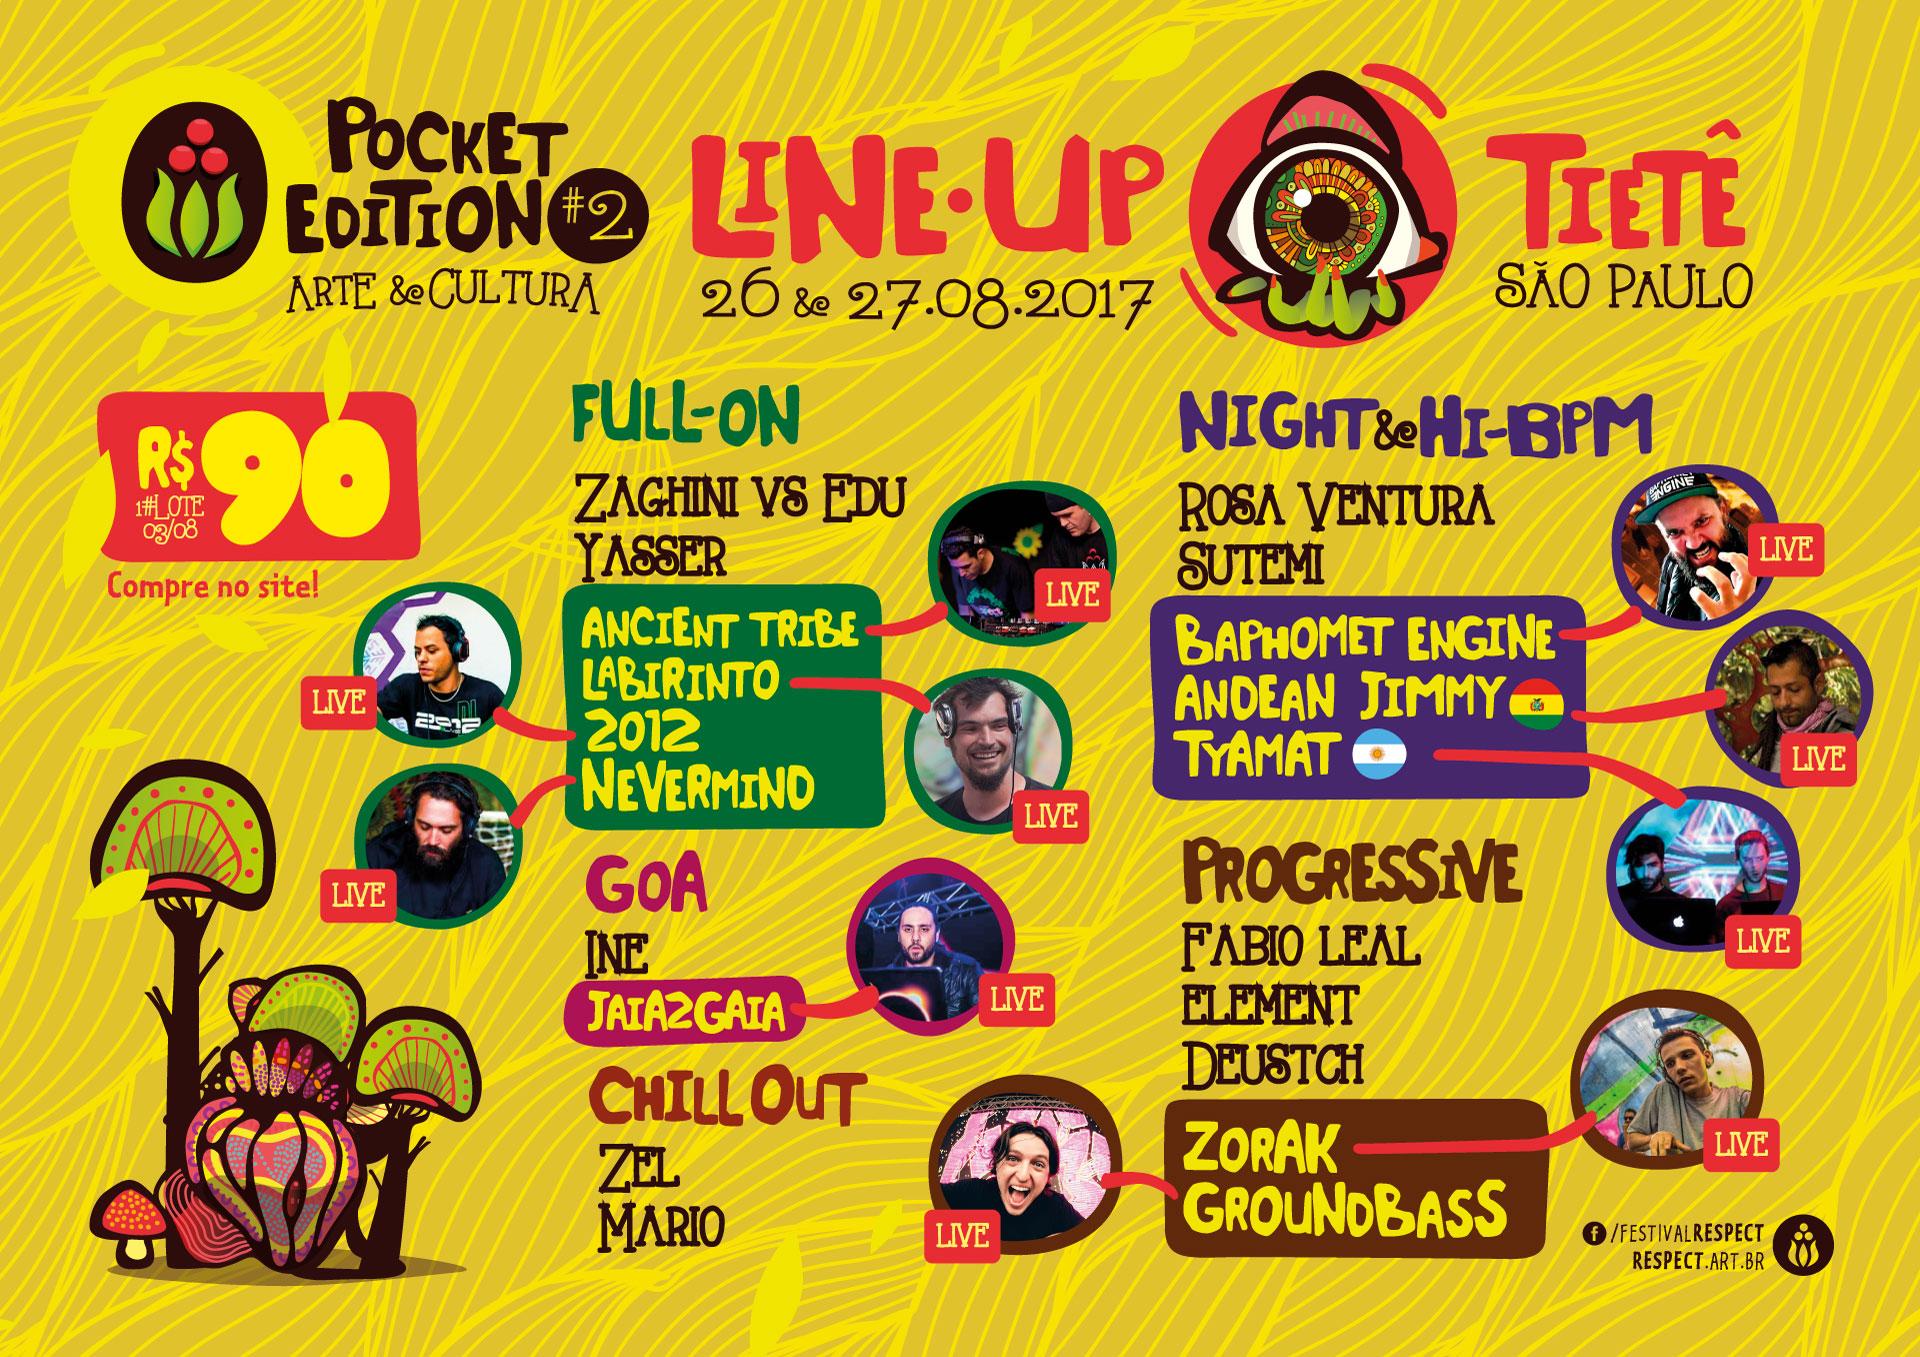 Line Up @ Respect Pocket #2